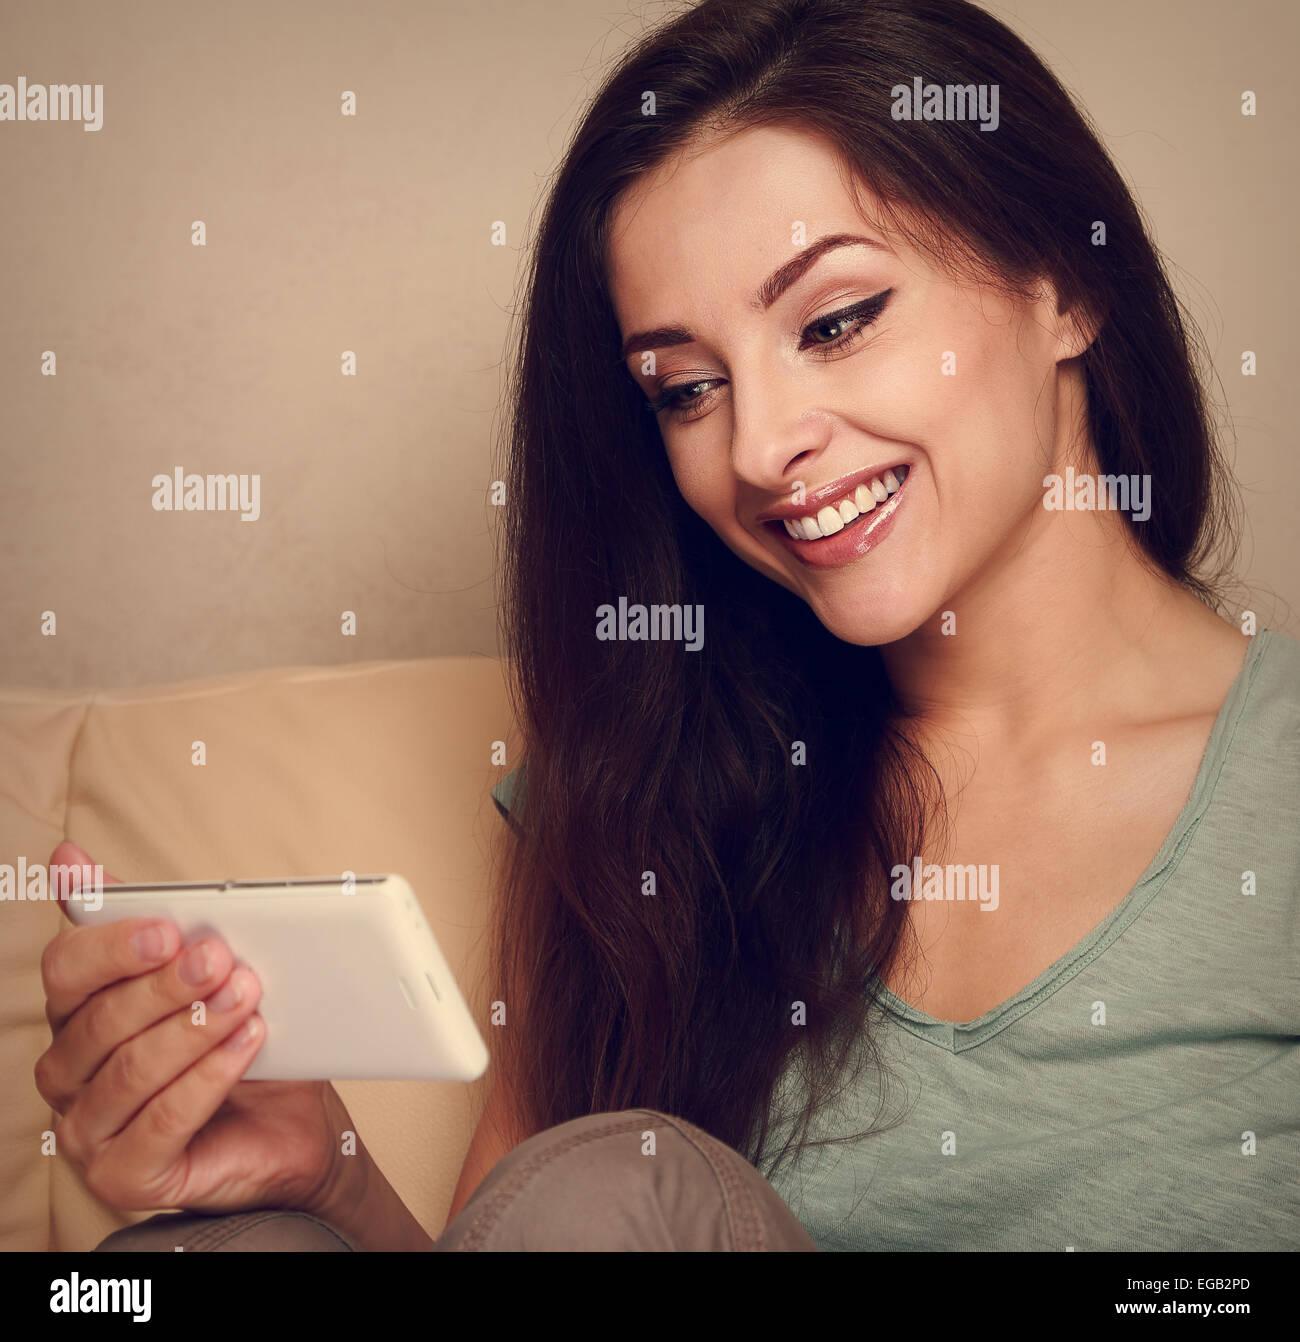 Hermosa mujer mirando en el teléfono móvil y sonriente. Retrato Vintage Foto de stock